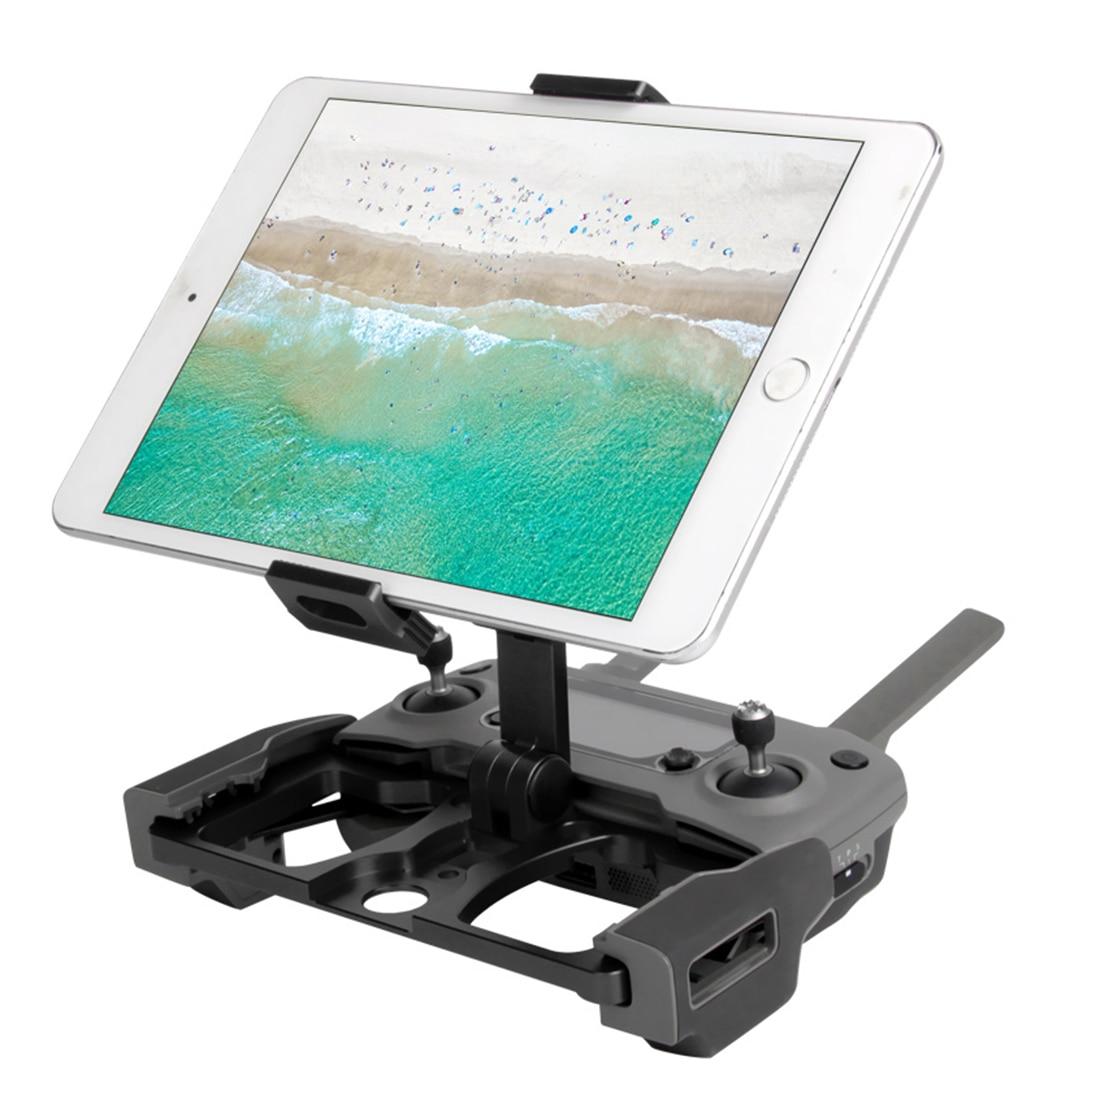 Support de support de tablette de téléphone à télécommande pliable à trois usage pour DJI MAVIC 2 PRO/ZOOM/étincelle/AIR avec pour porte cristal - 6